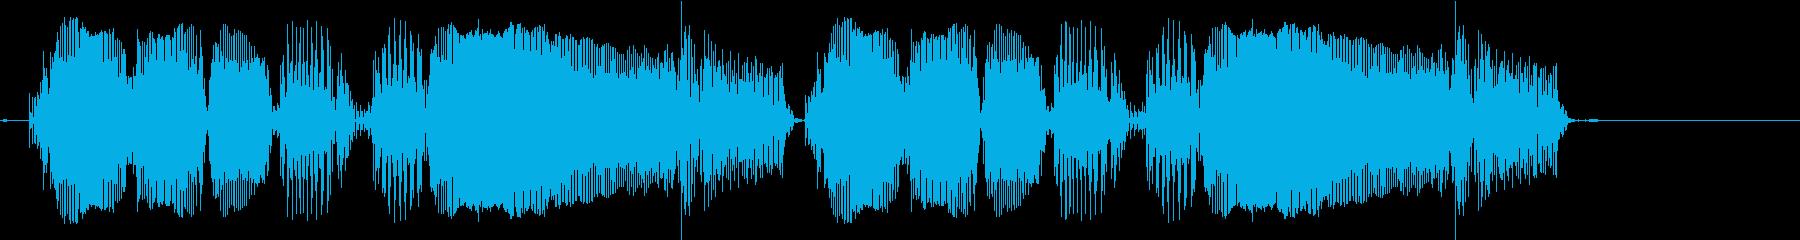 ビュグビュググビュービュグビュググビューの再生済みの波形